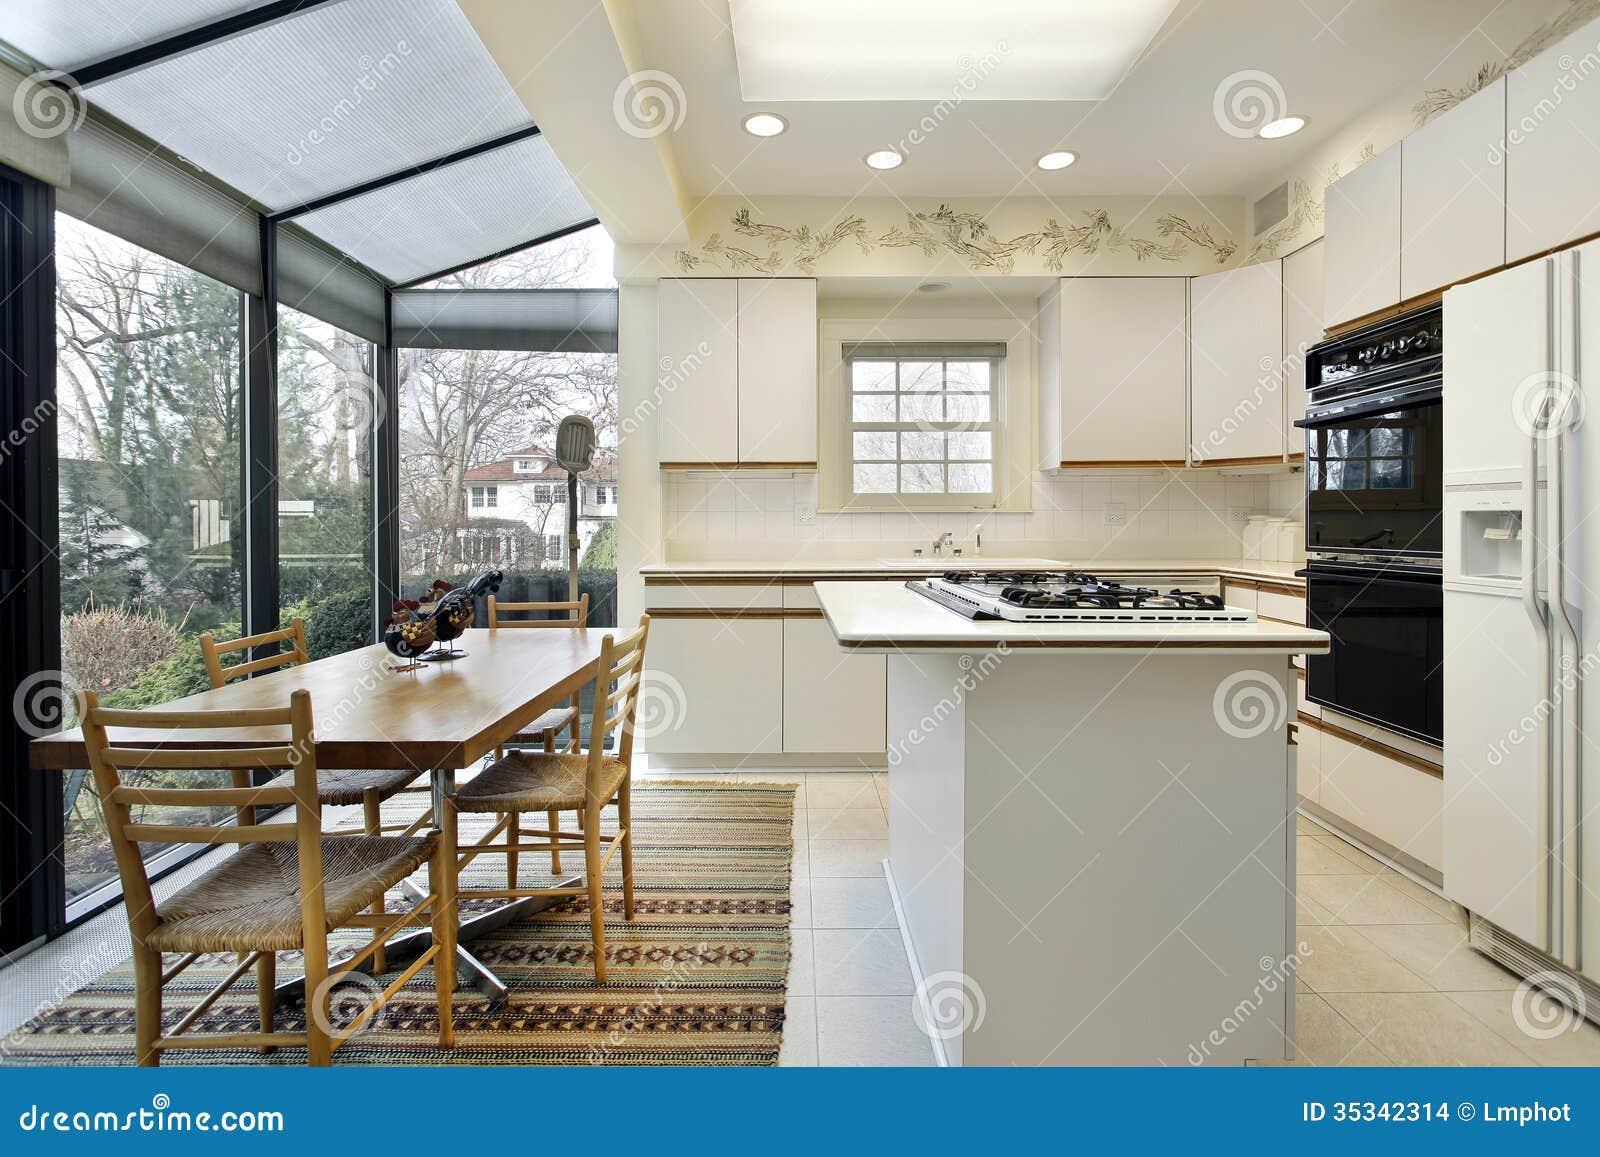 keuken met schuifdeuren aan terras stock foto afbeelding bestaande uit echt woning 35342314. Black Bedroom Furniture Sets. Home Design Ideas